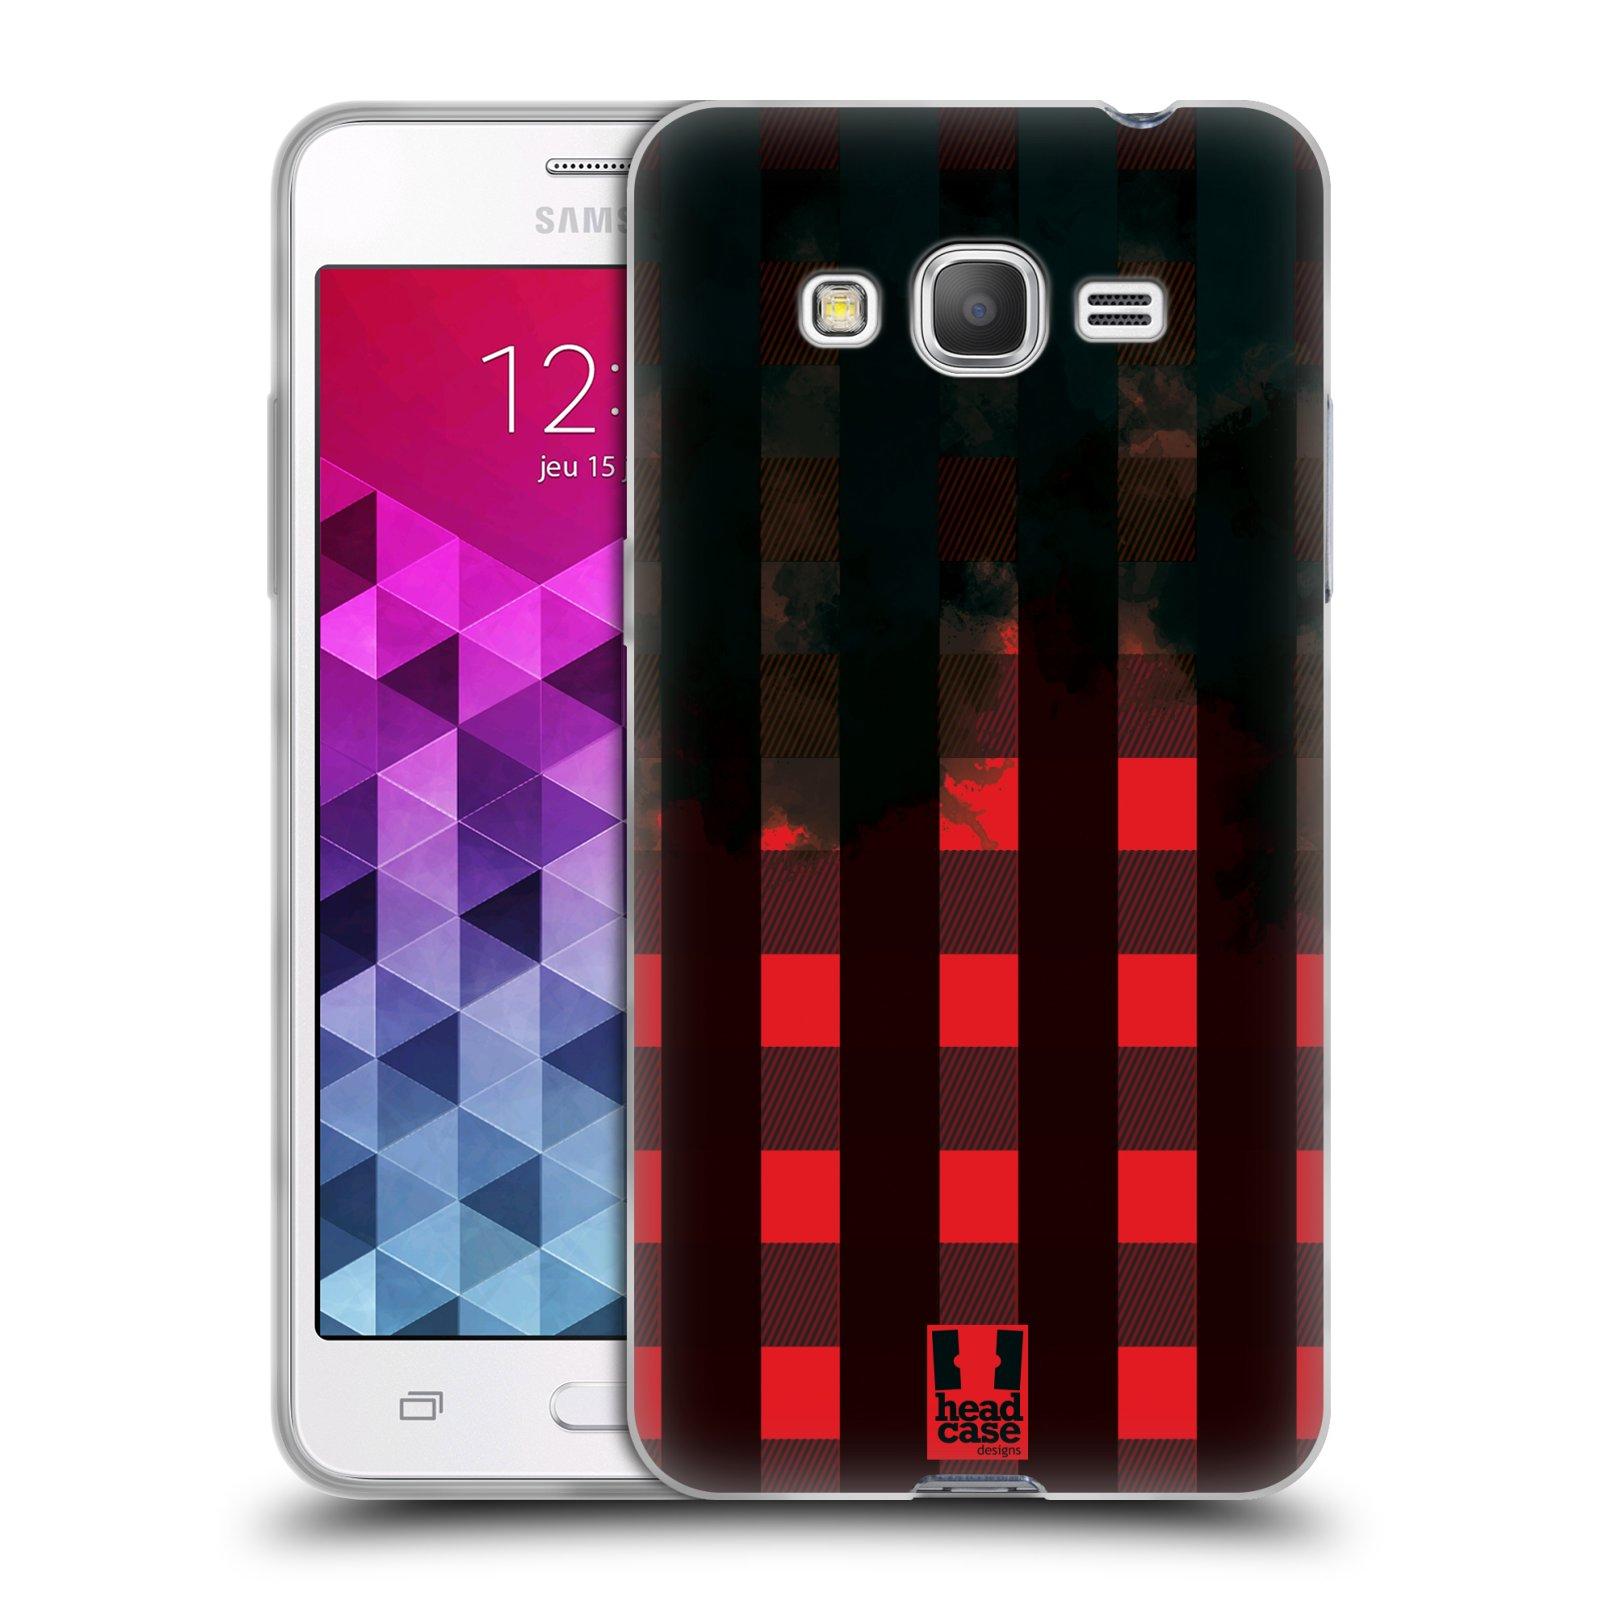 Silikonové pouzdro na mobil Samsung Galaxy Grand Prime HEAD CASE FLANEL RED BLACK